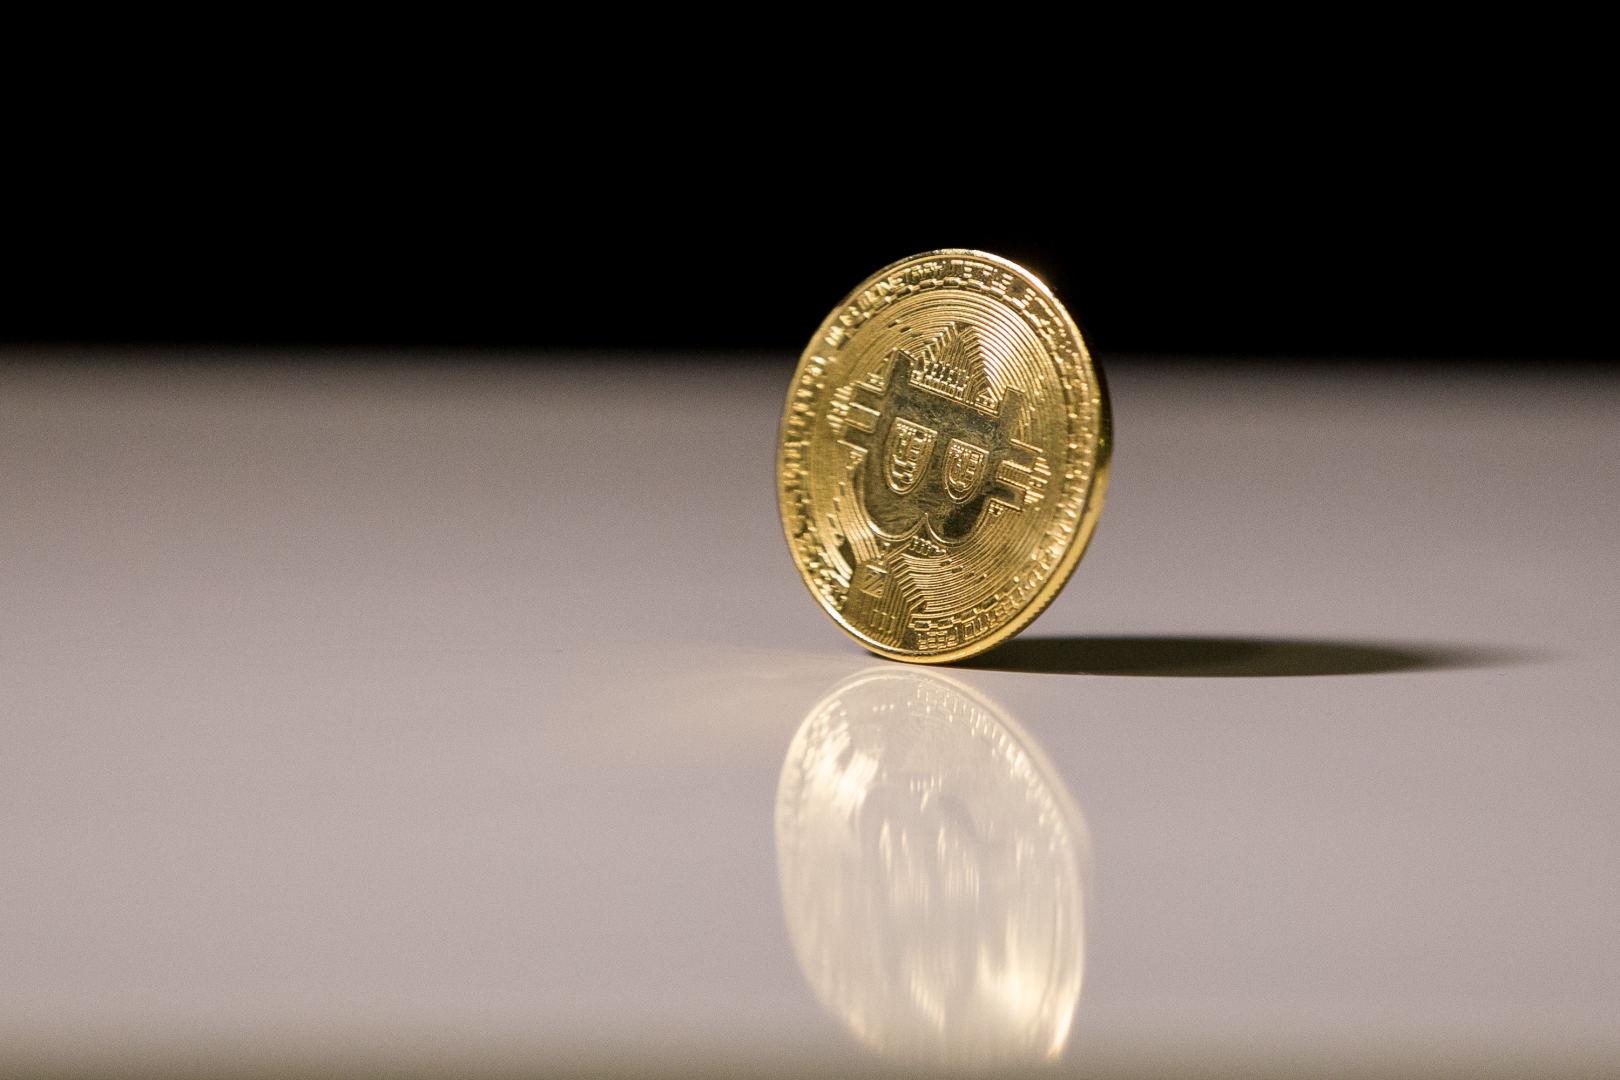 kripto bunkeris vs pelno priekaba prekybos variklis bitkoinas